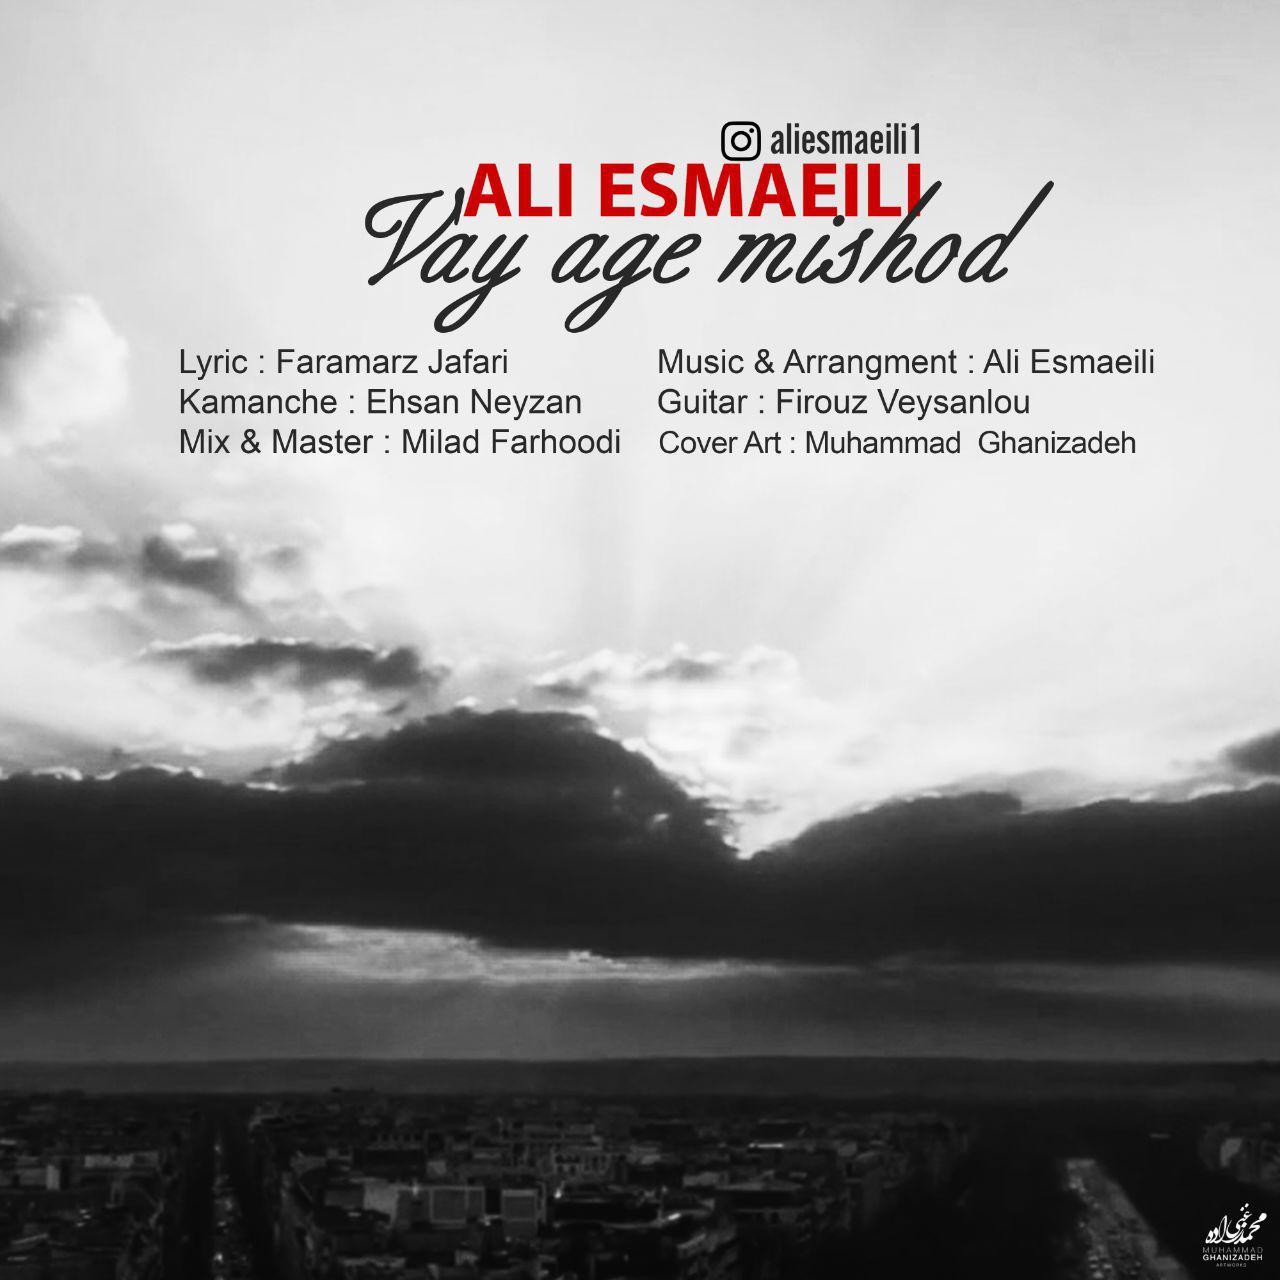 Ali Esmaeili – Vay Age Mishod